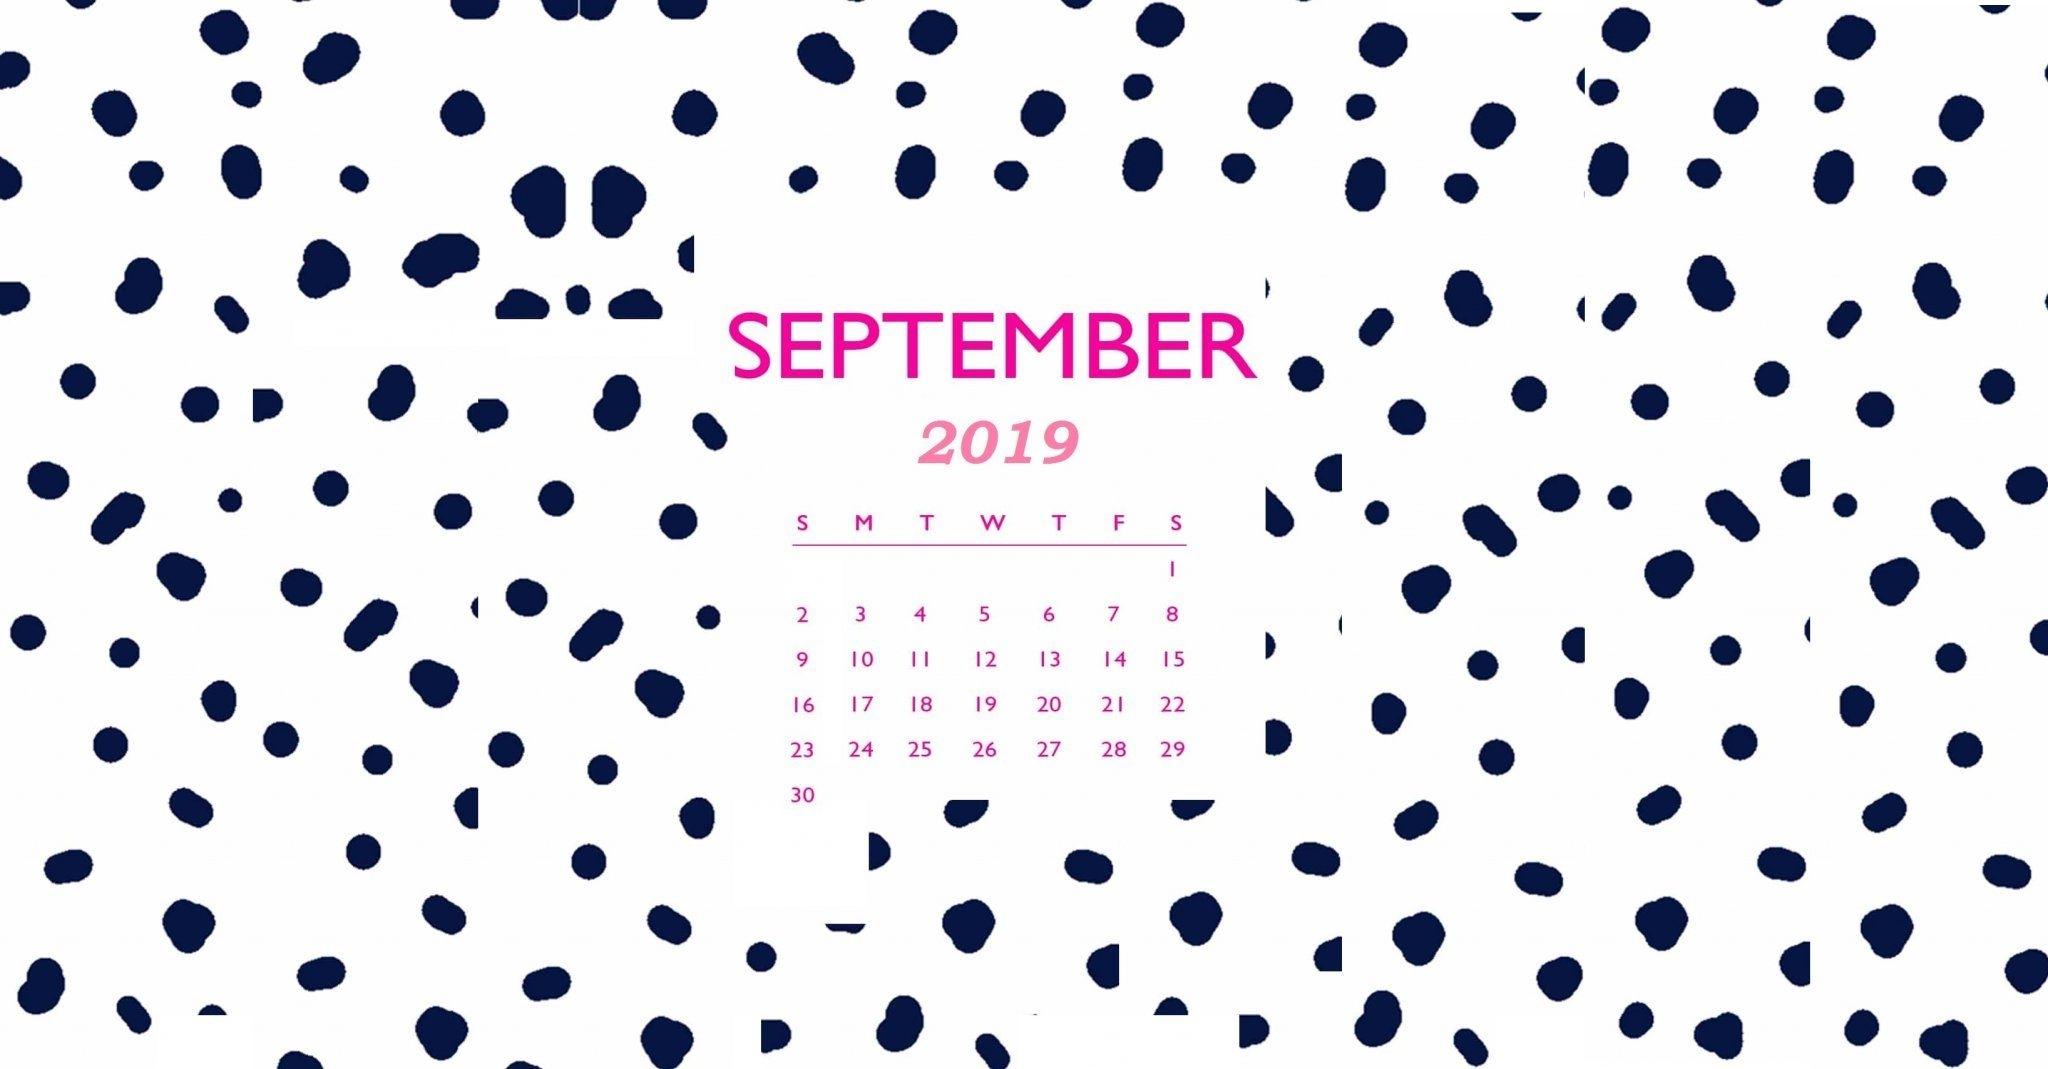 Desktop Calendar Wallpaper for September 2019